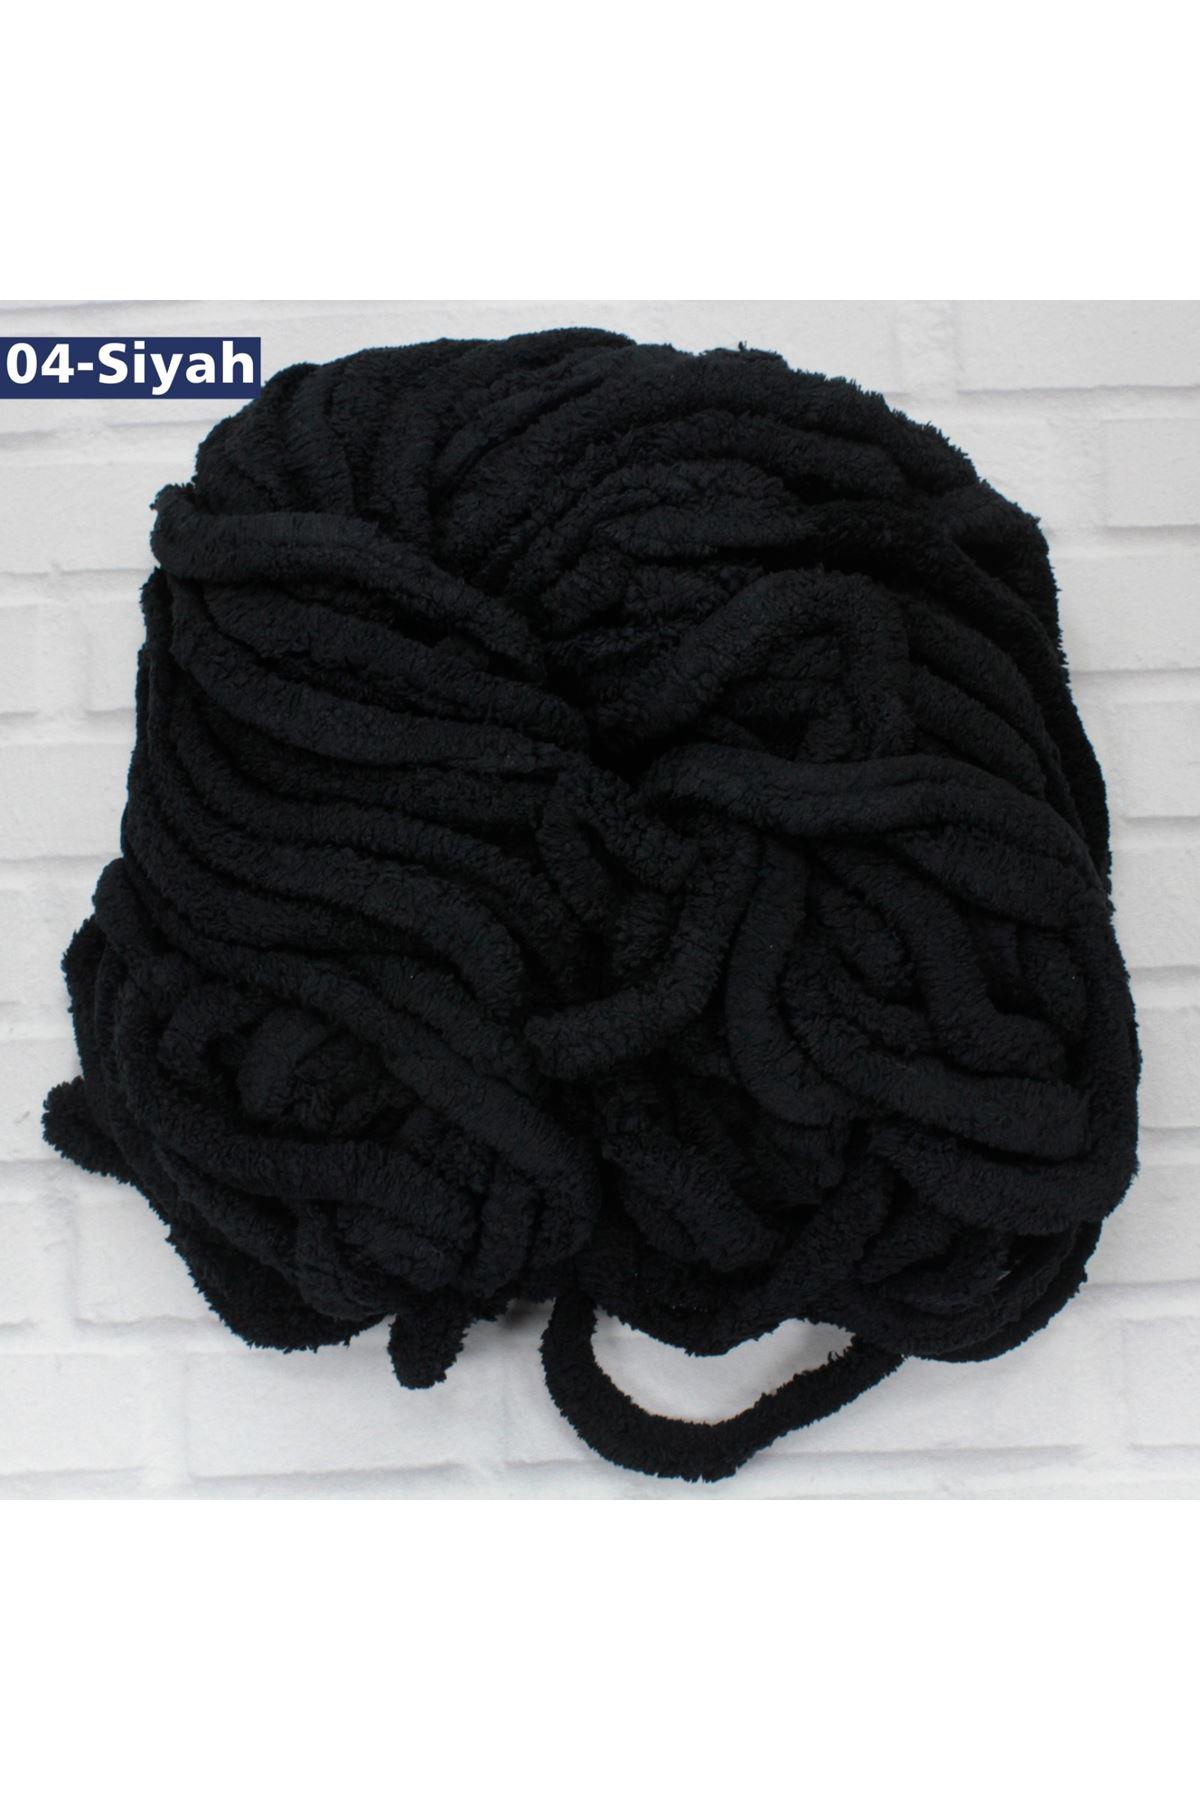 El ile Örülen Kadife 04 - Siyah